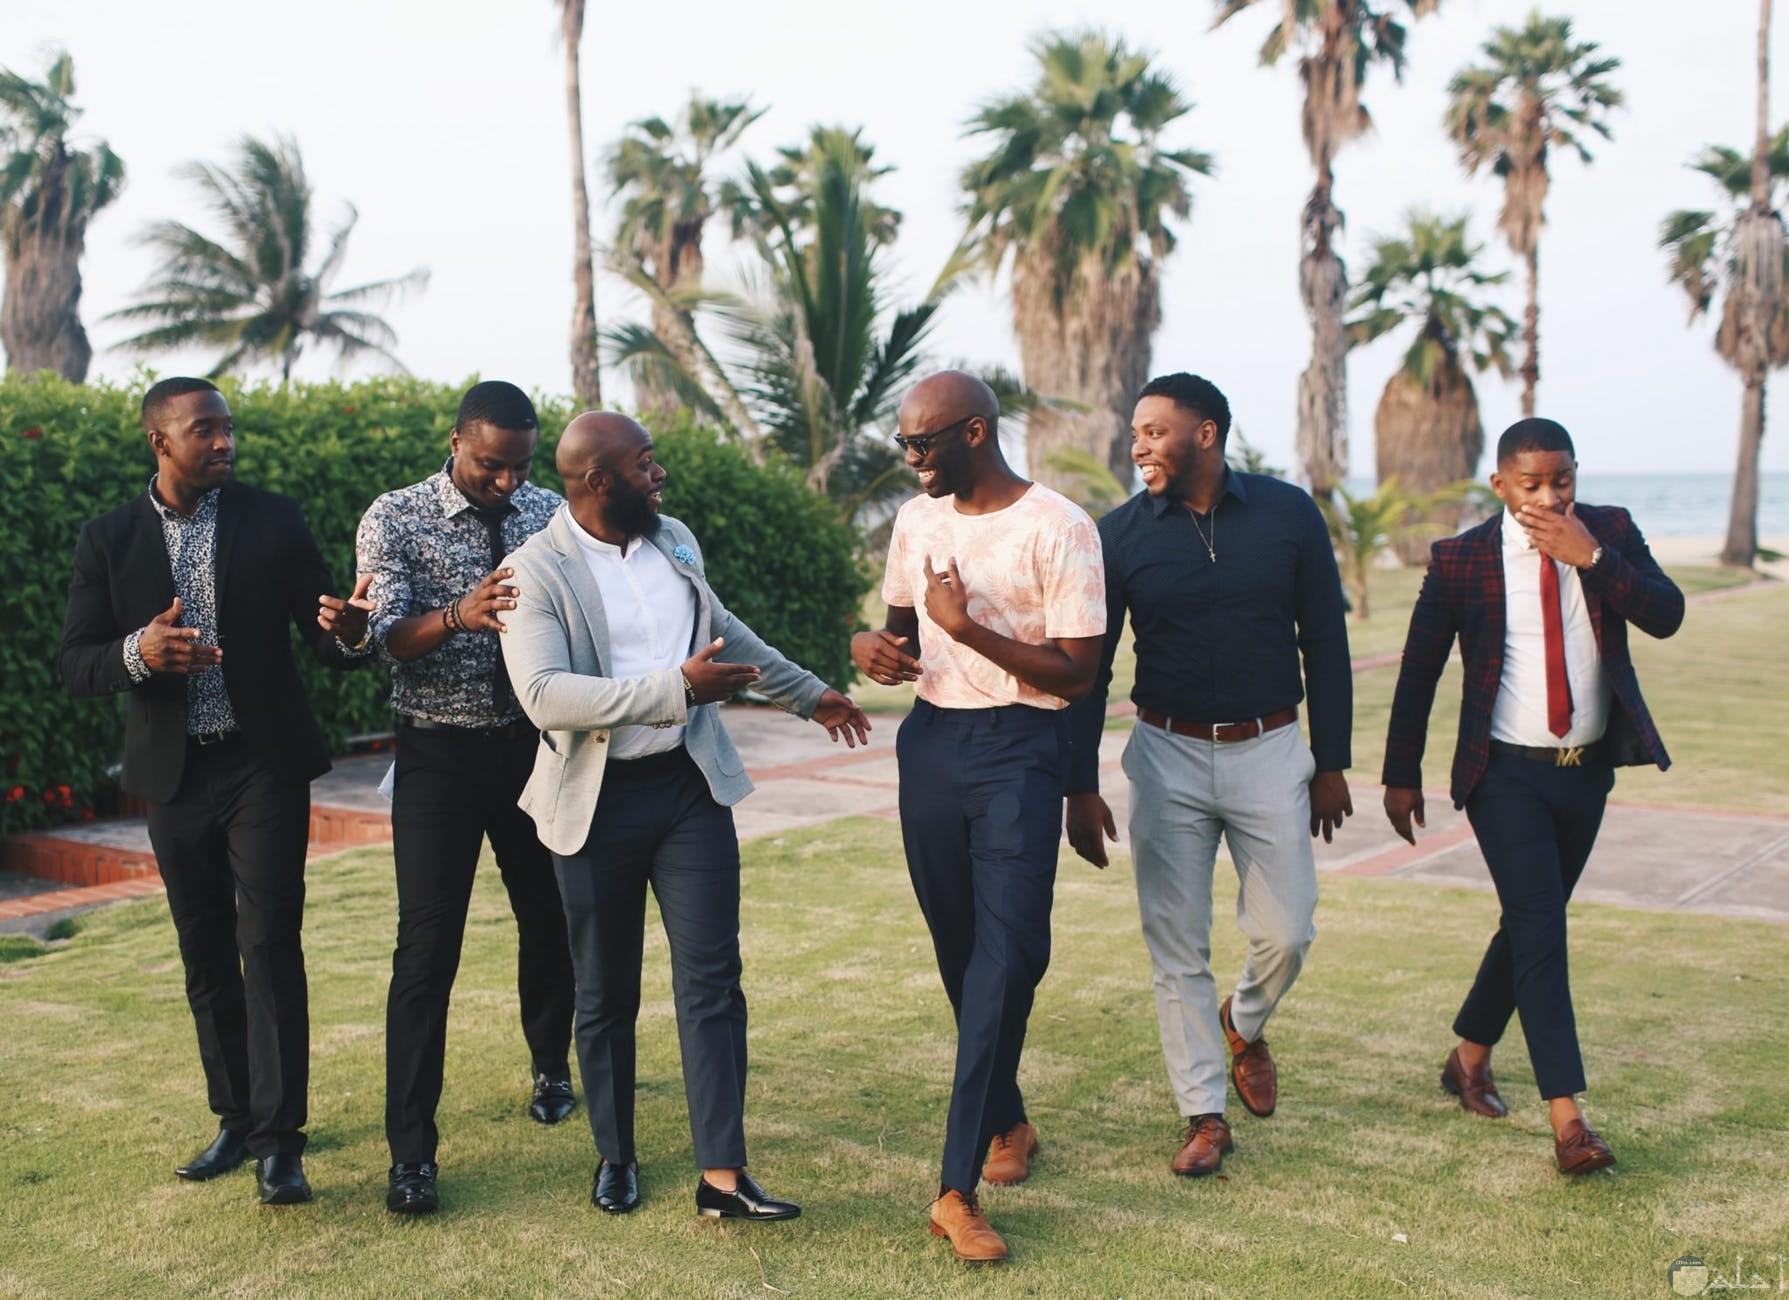 الاصدقاء والضحك من القلب